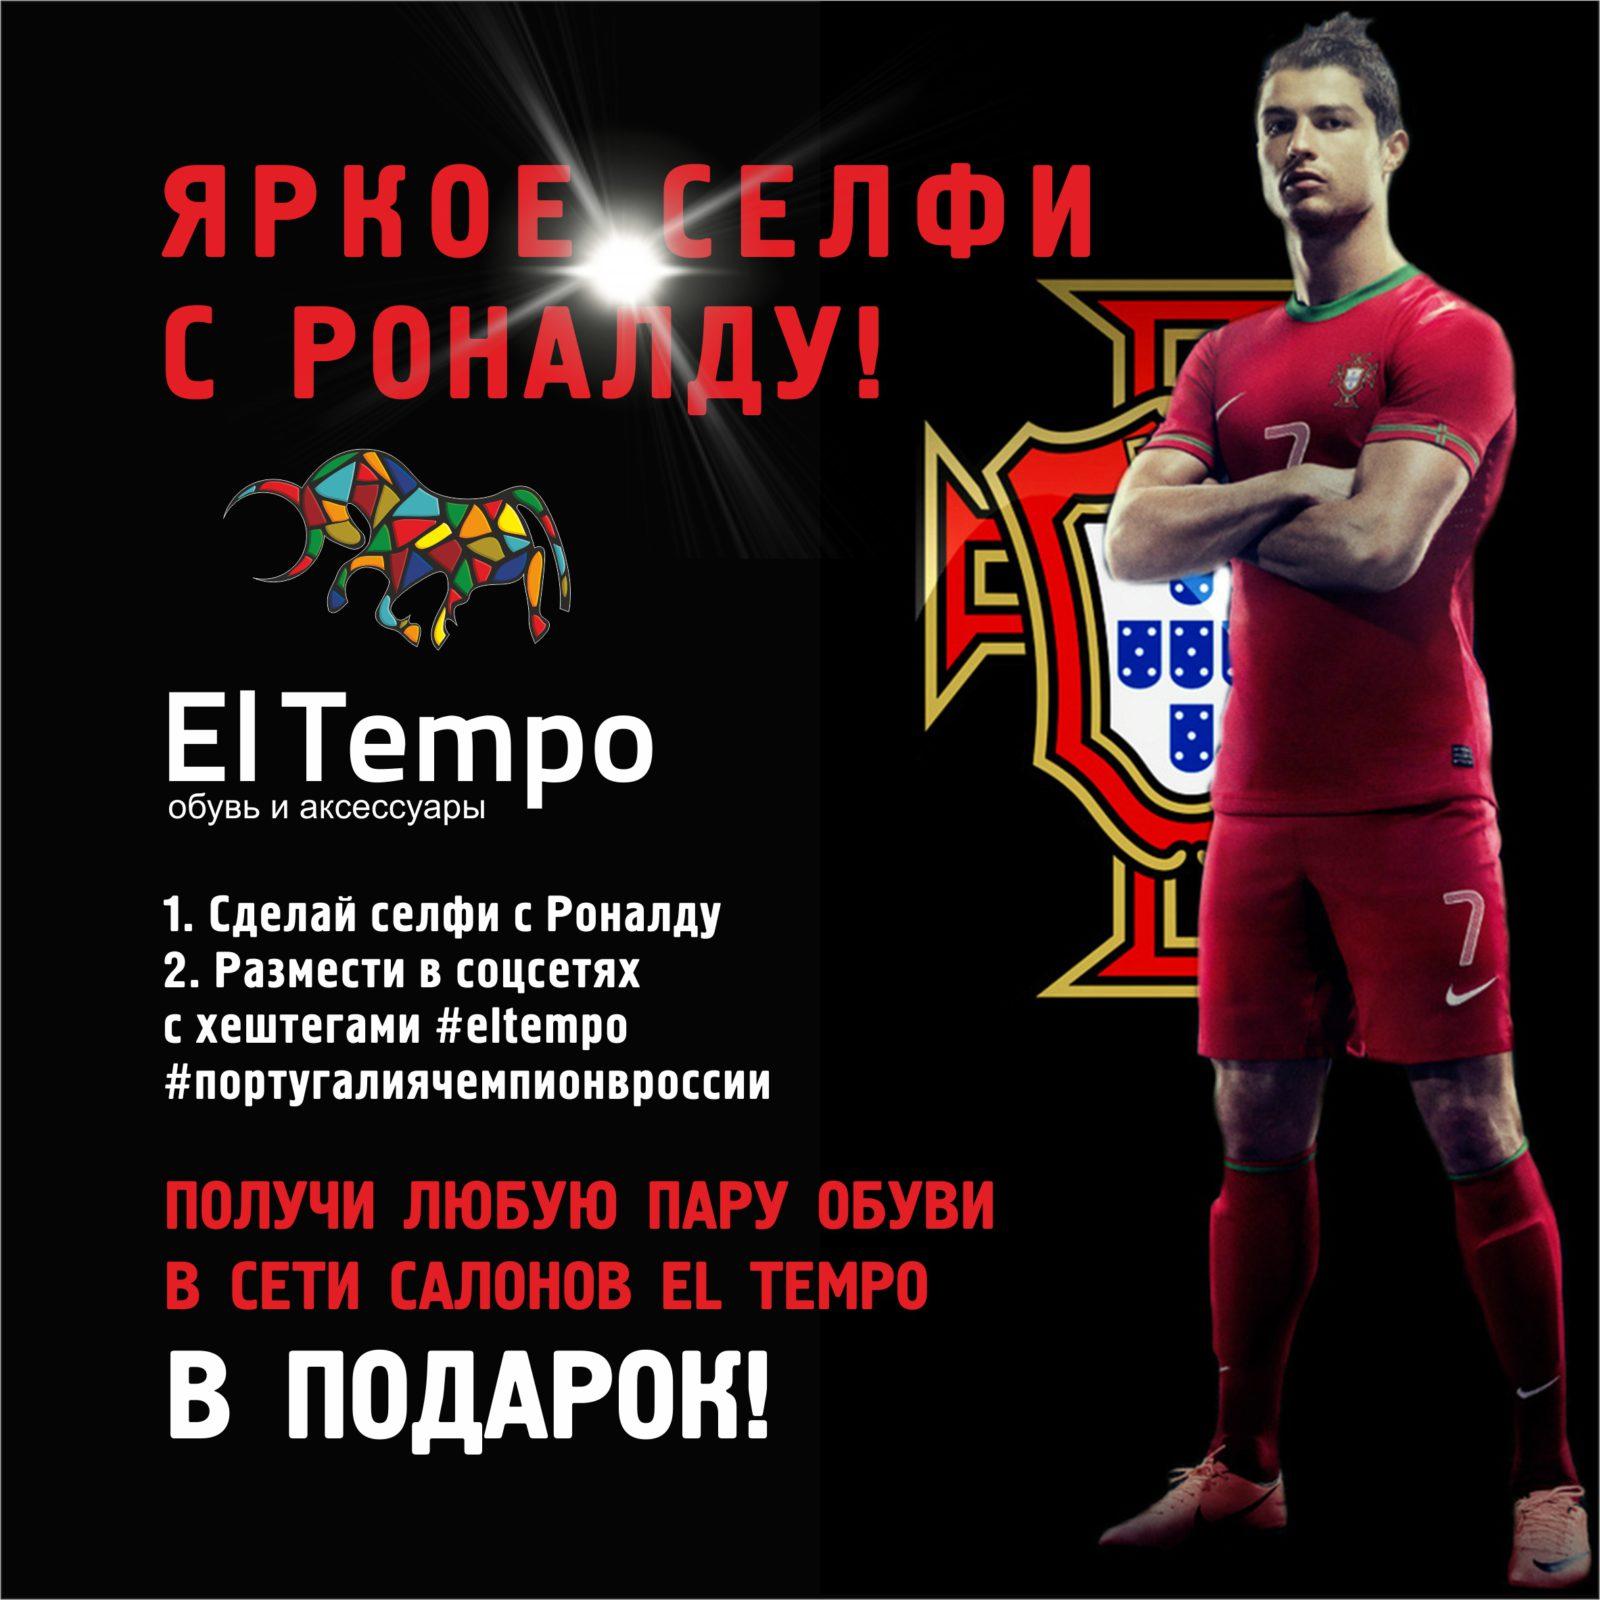 Известный бренд El Tempo подарит обувь за поддержку сборной Португалии